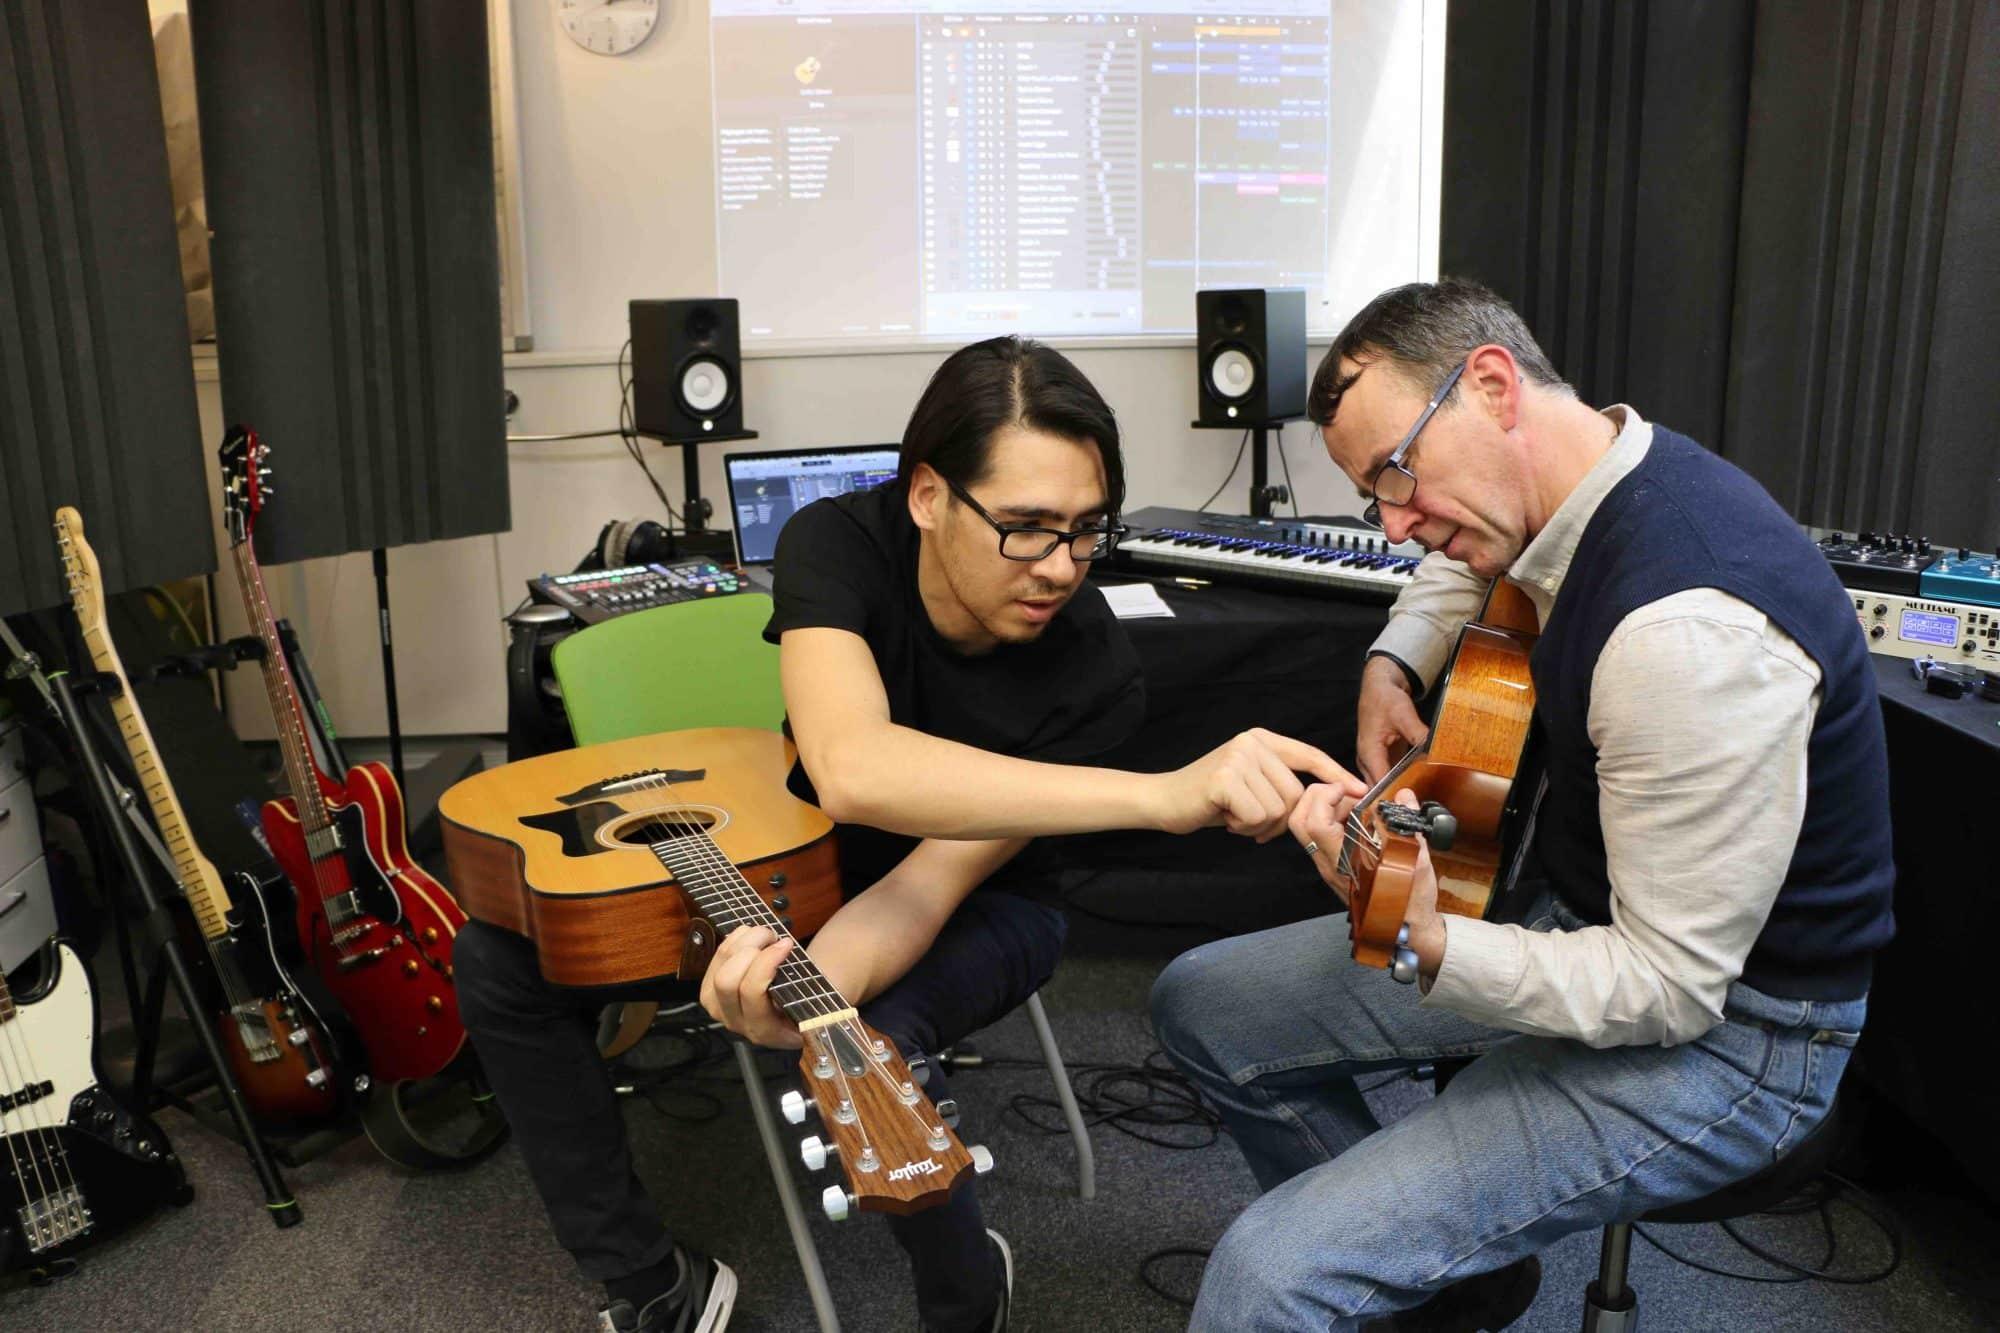 dj lyon, LHSD, LH sound design, Ludovic Hautevelle, identité sonore, team bulding